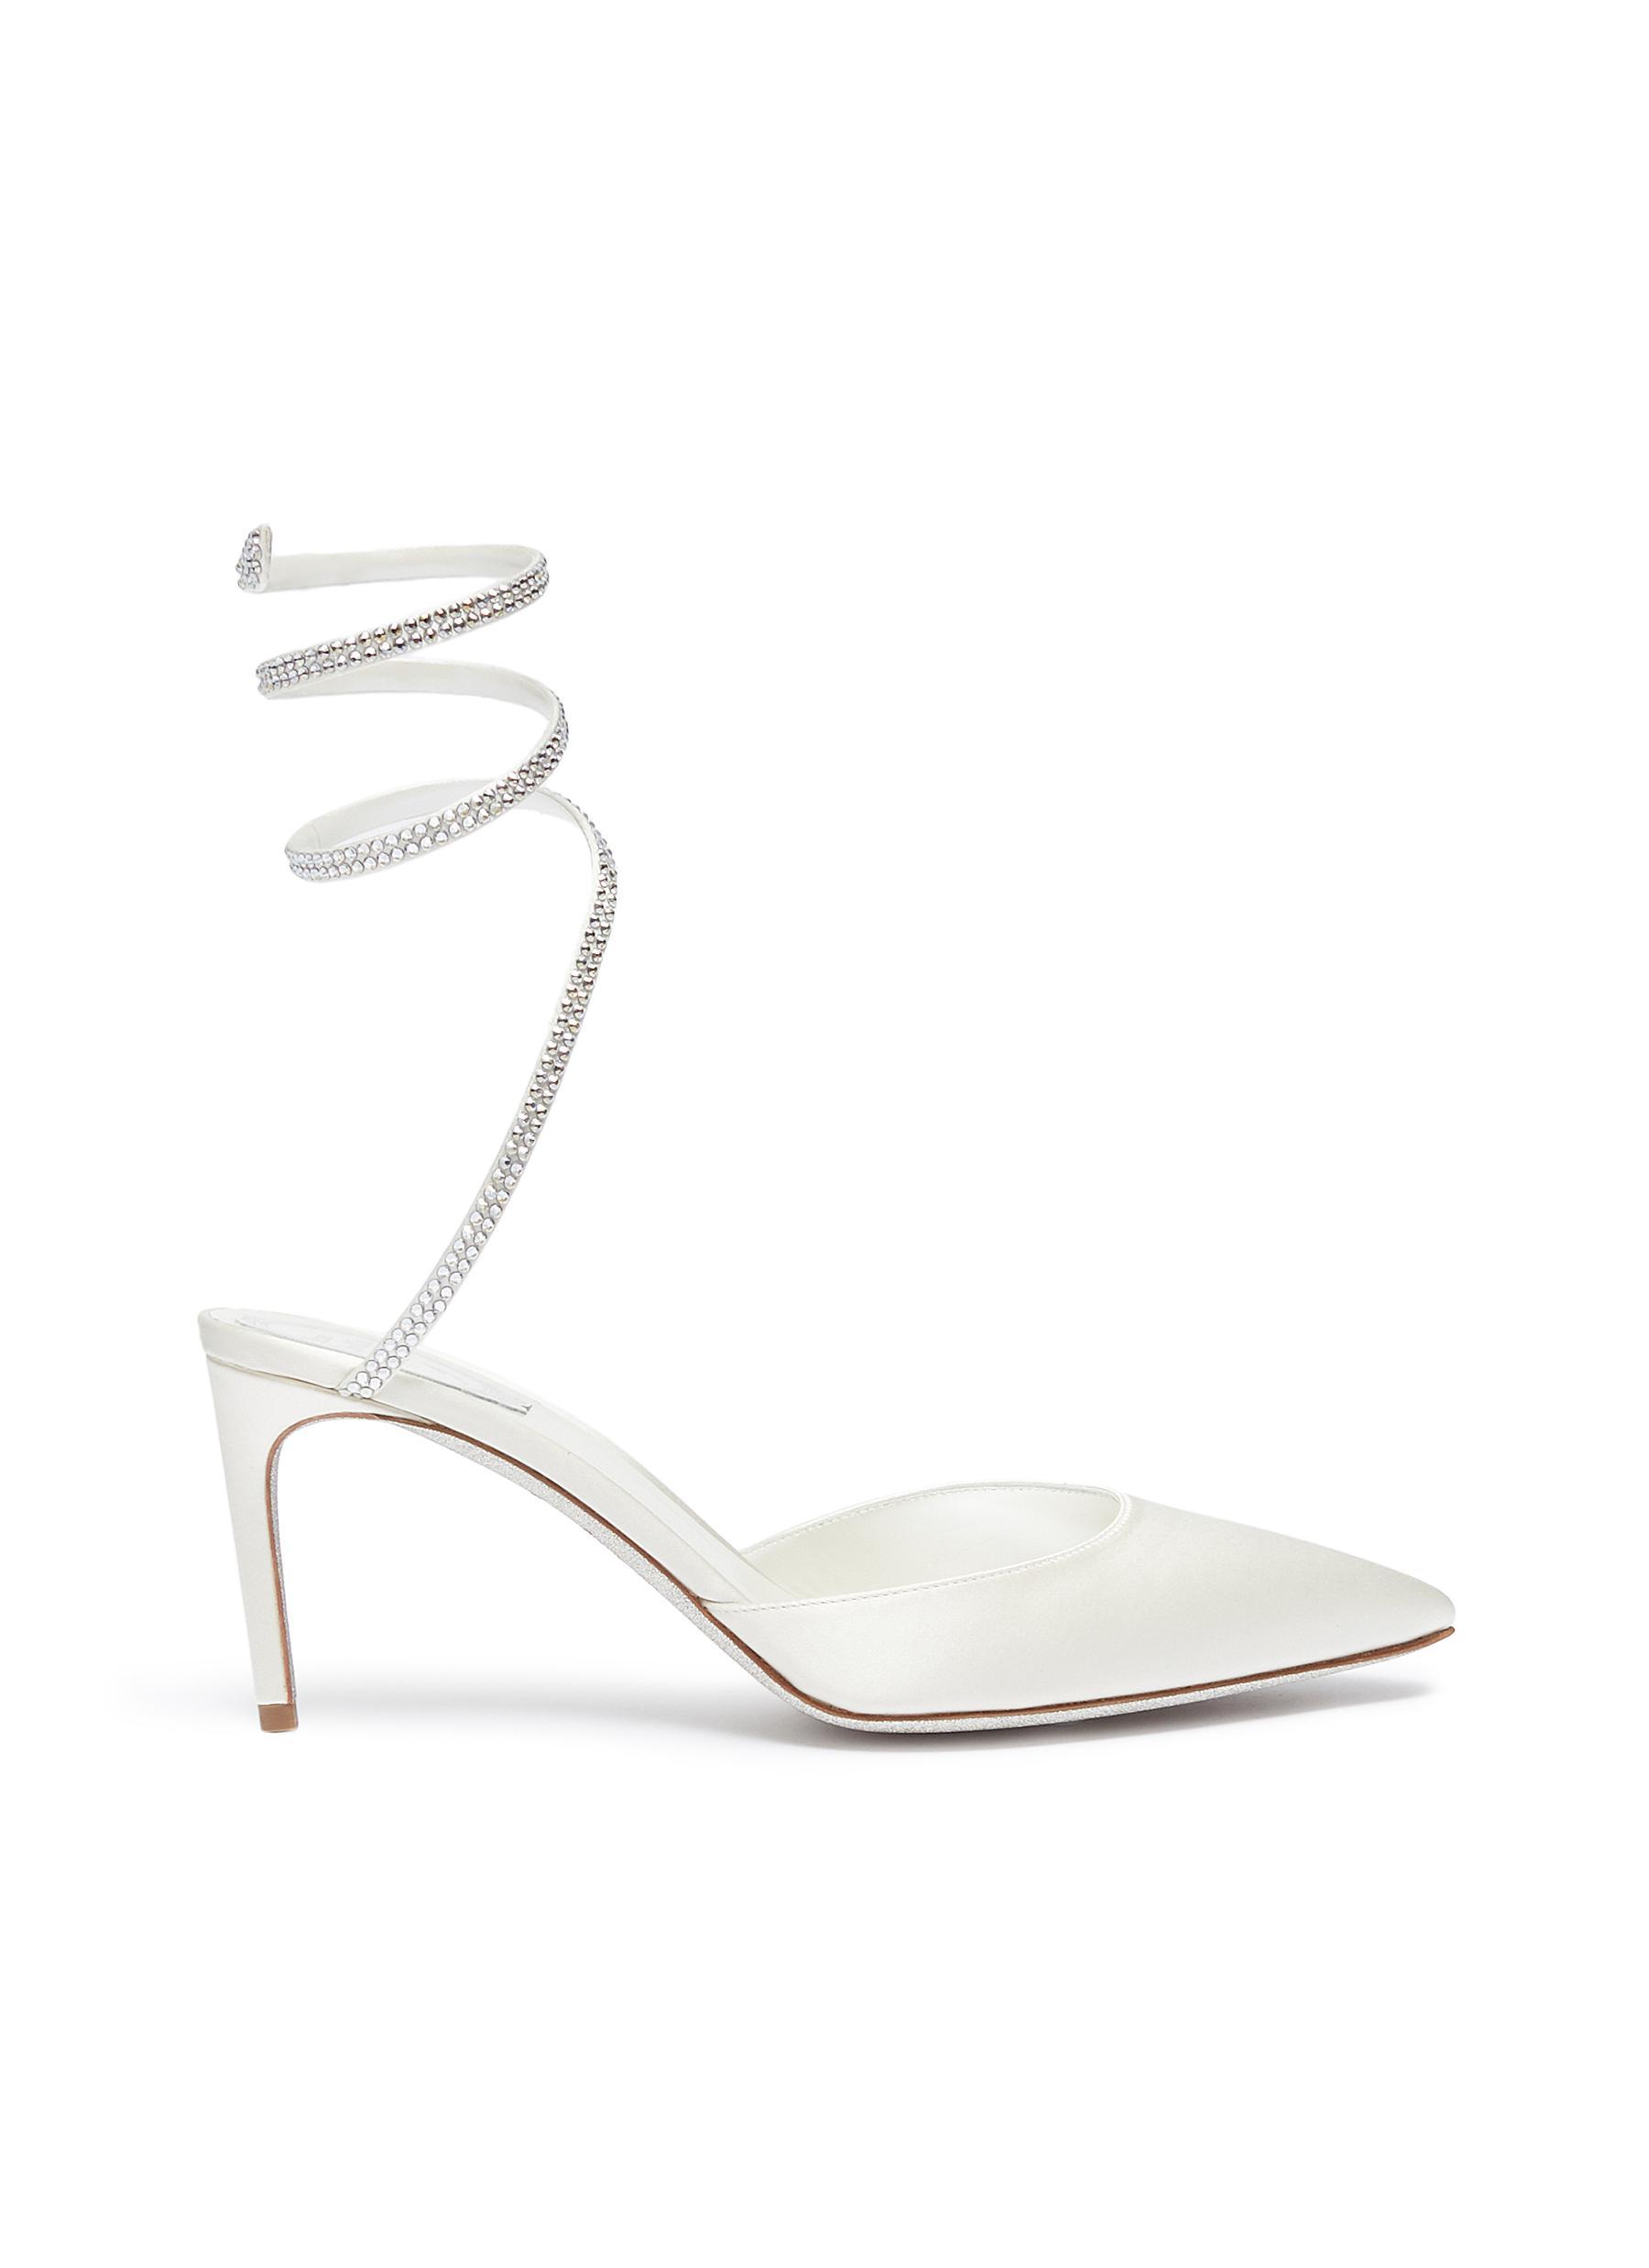 Snake strass coil anklet satin pumps by René Caovilla